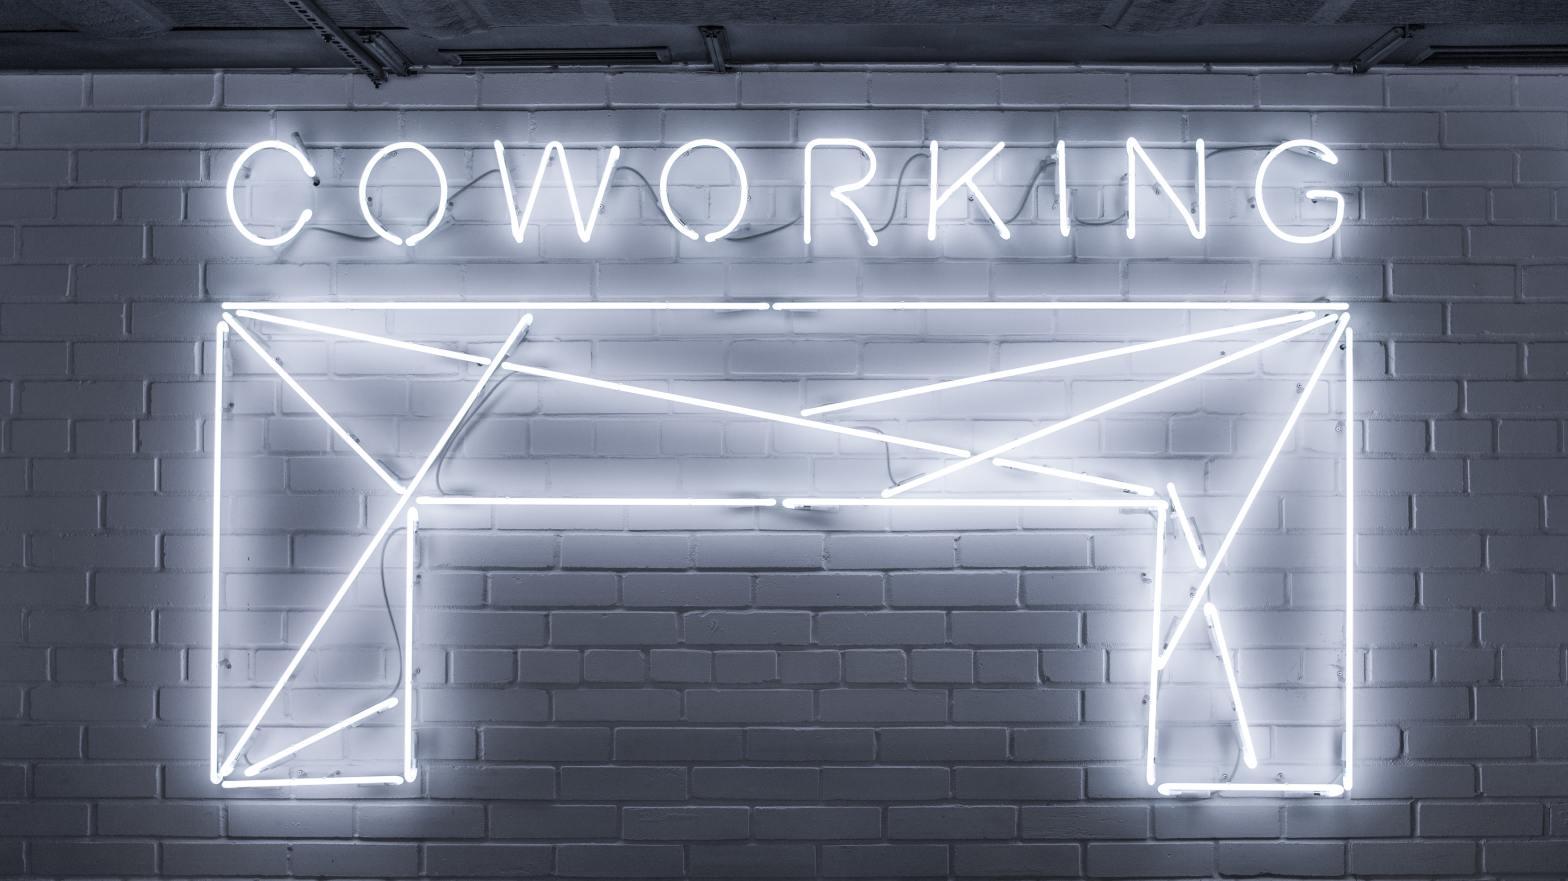 Mercado de trabalho Você conhece o coworking